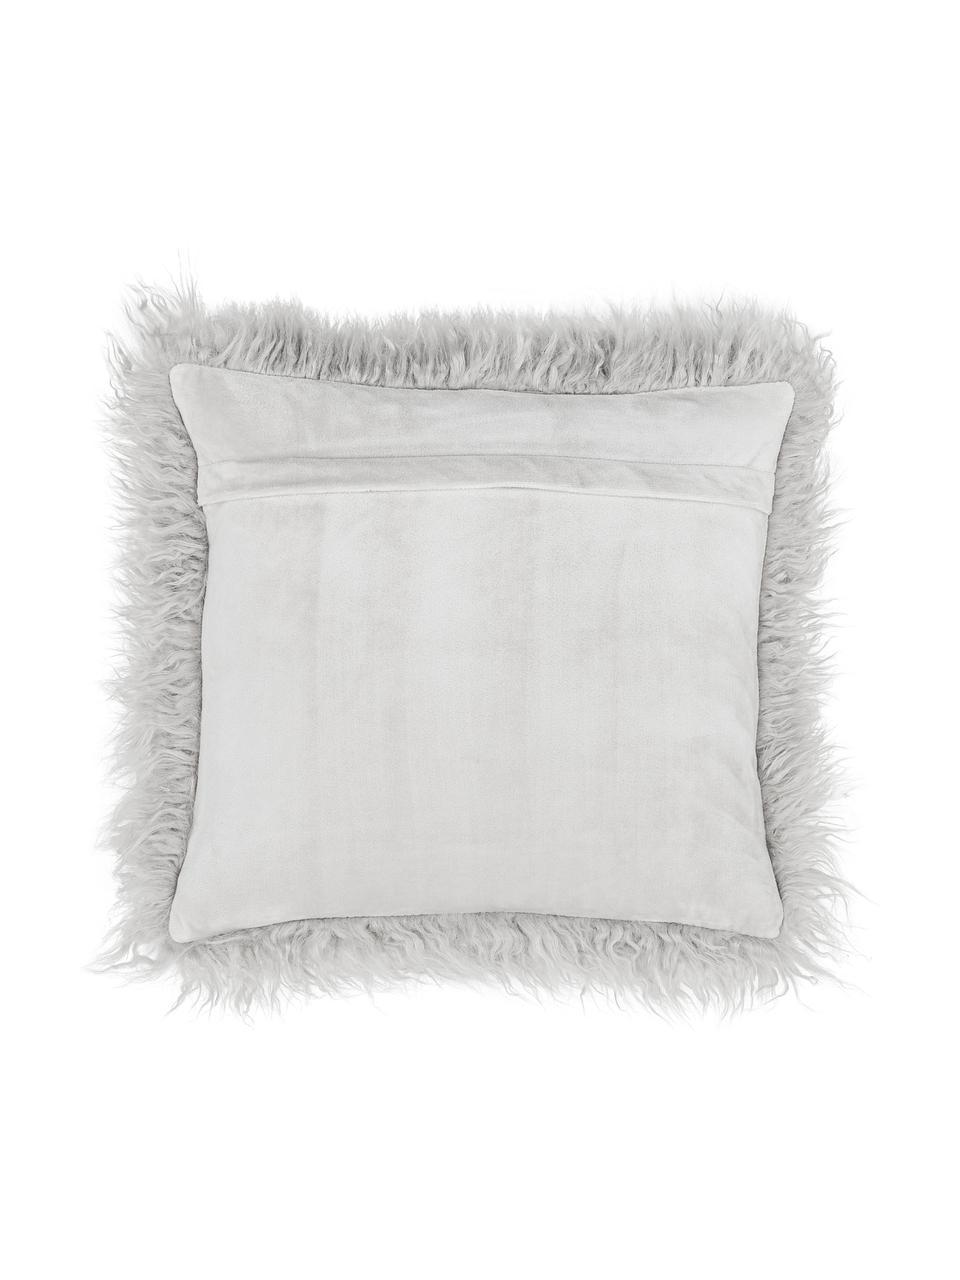 Flauschige Kunstfell-Kissenhülle Morten in Hellgrau, gelockt, Vorderseite: 67% Akryl, 33% Polyester, Rückseite: 100% Polyester, Hellgrau, 40 x 40 cm